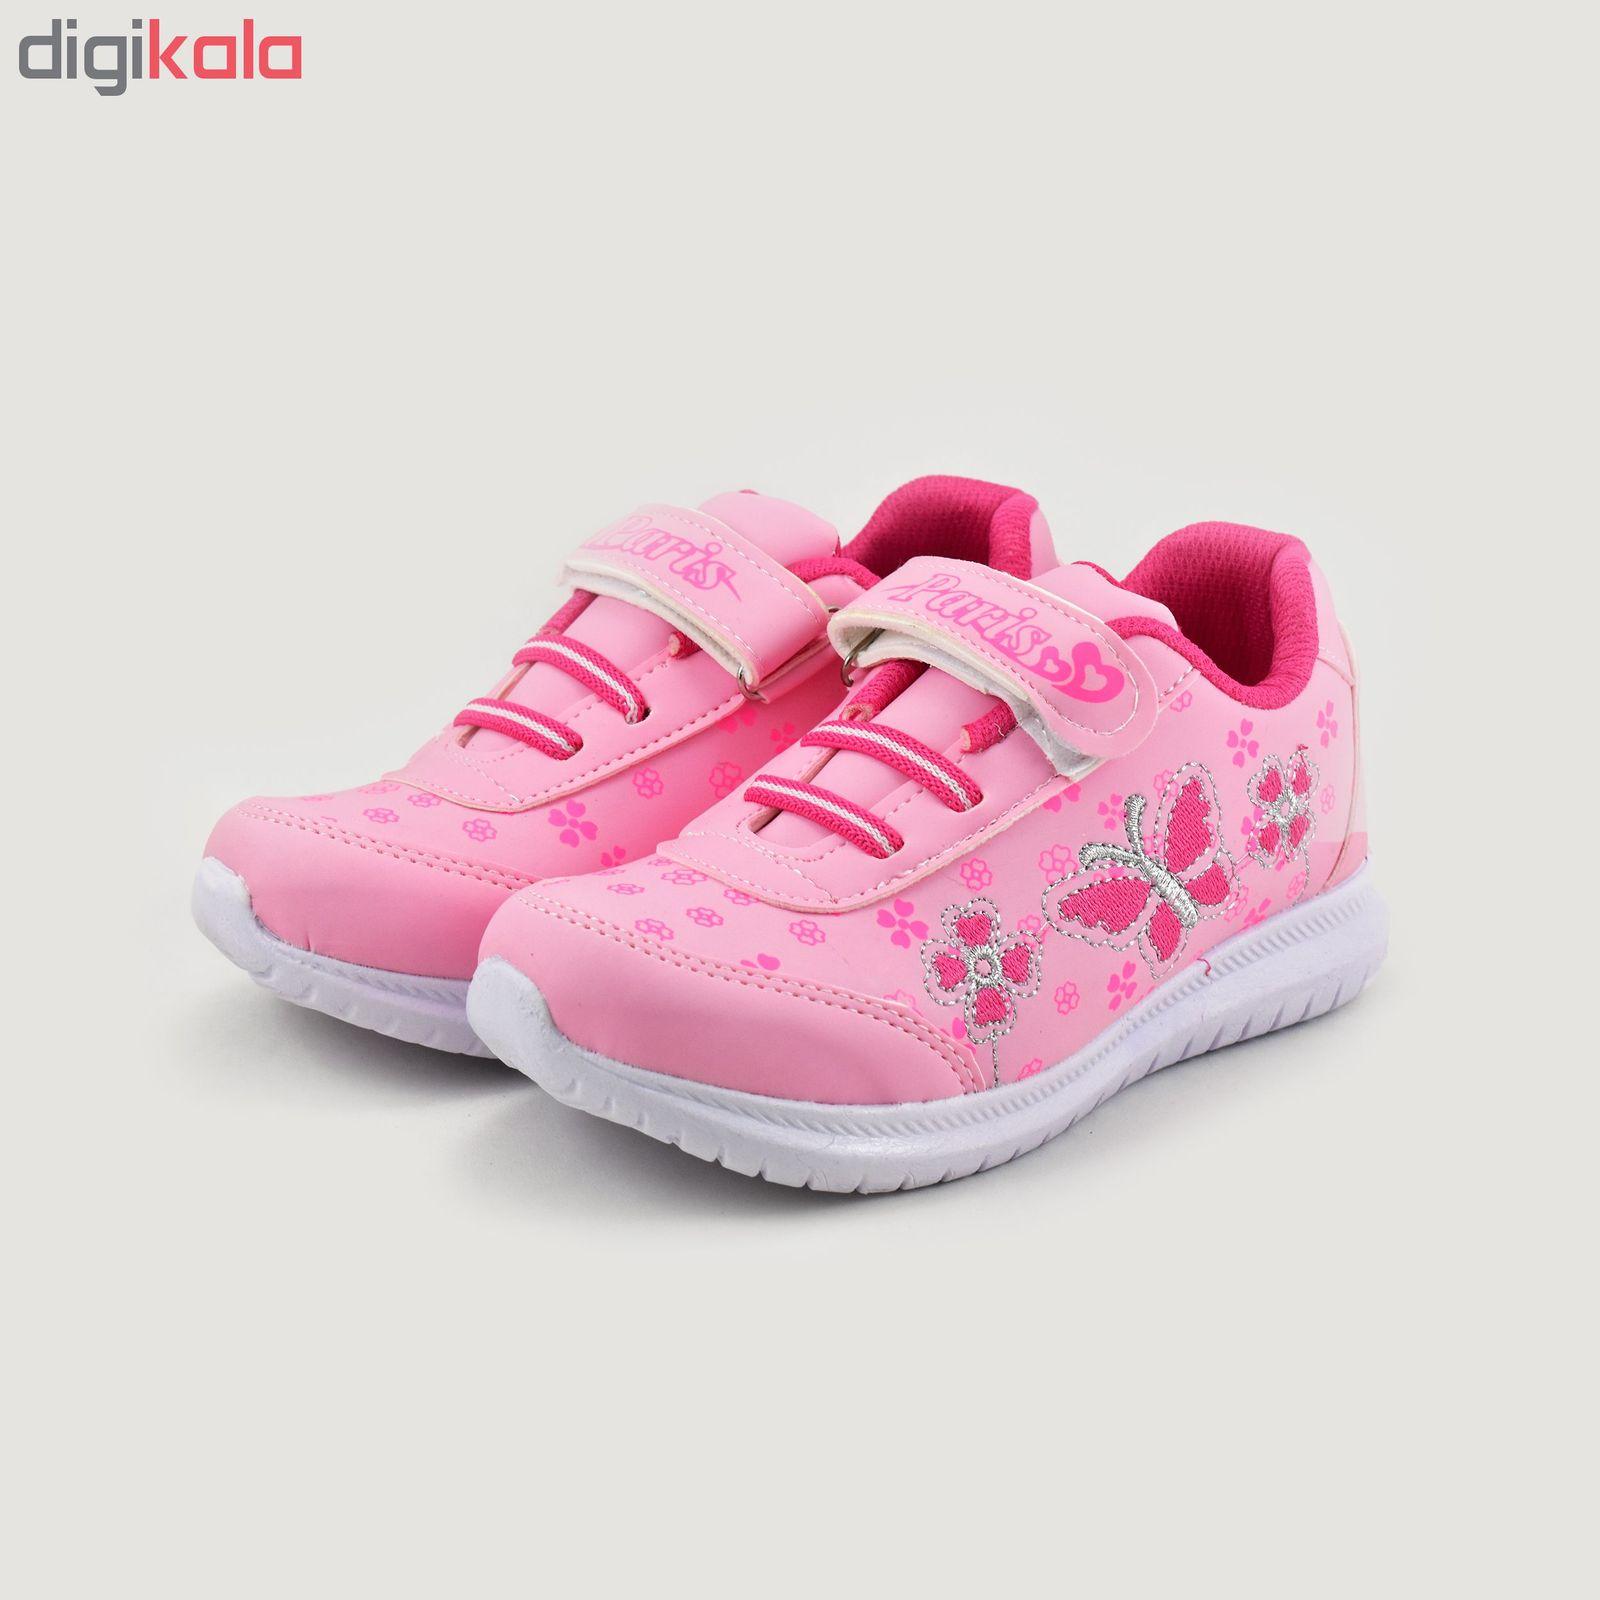 کفش ورزشی دخترانه طرح پروانه کد 4444 main 1 2